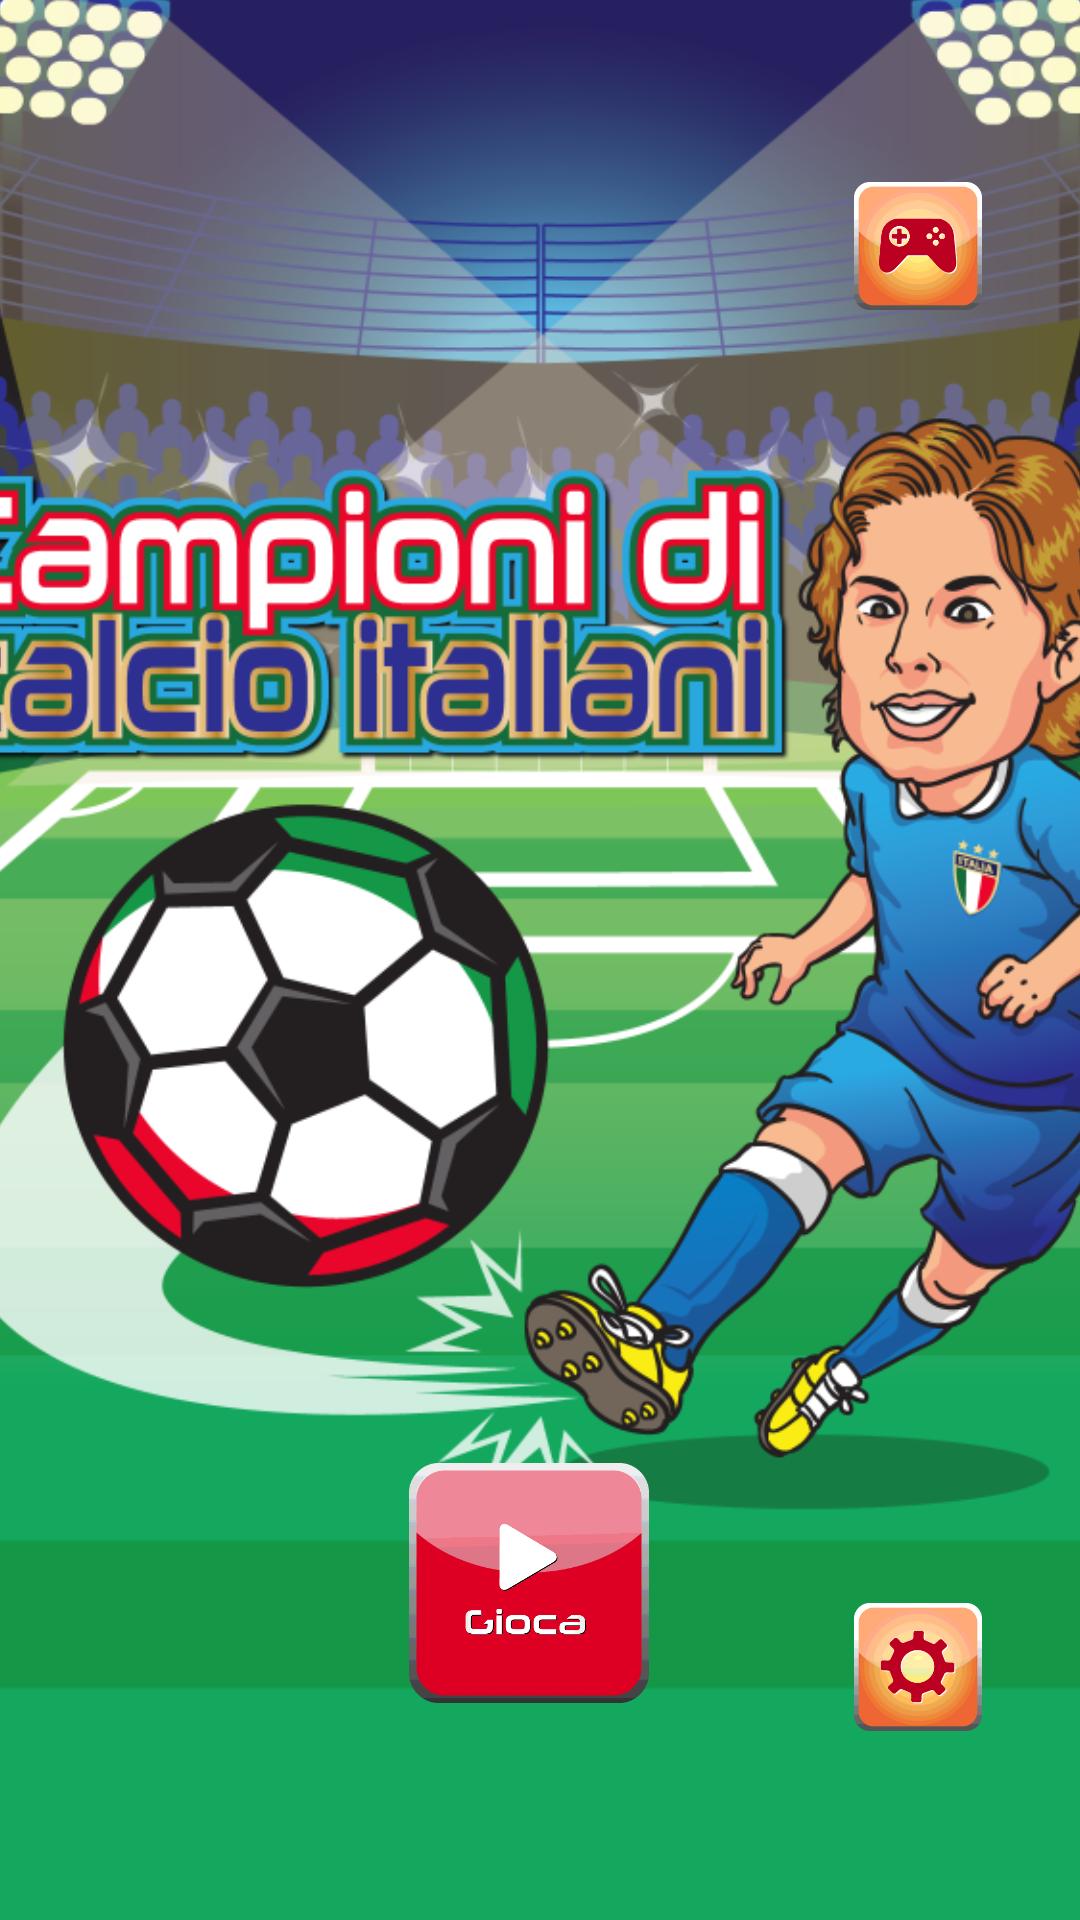 championi-di-calcio-italiano